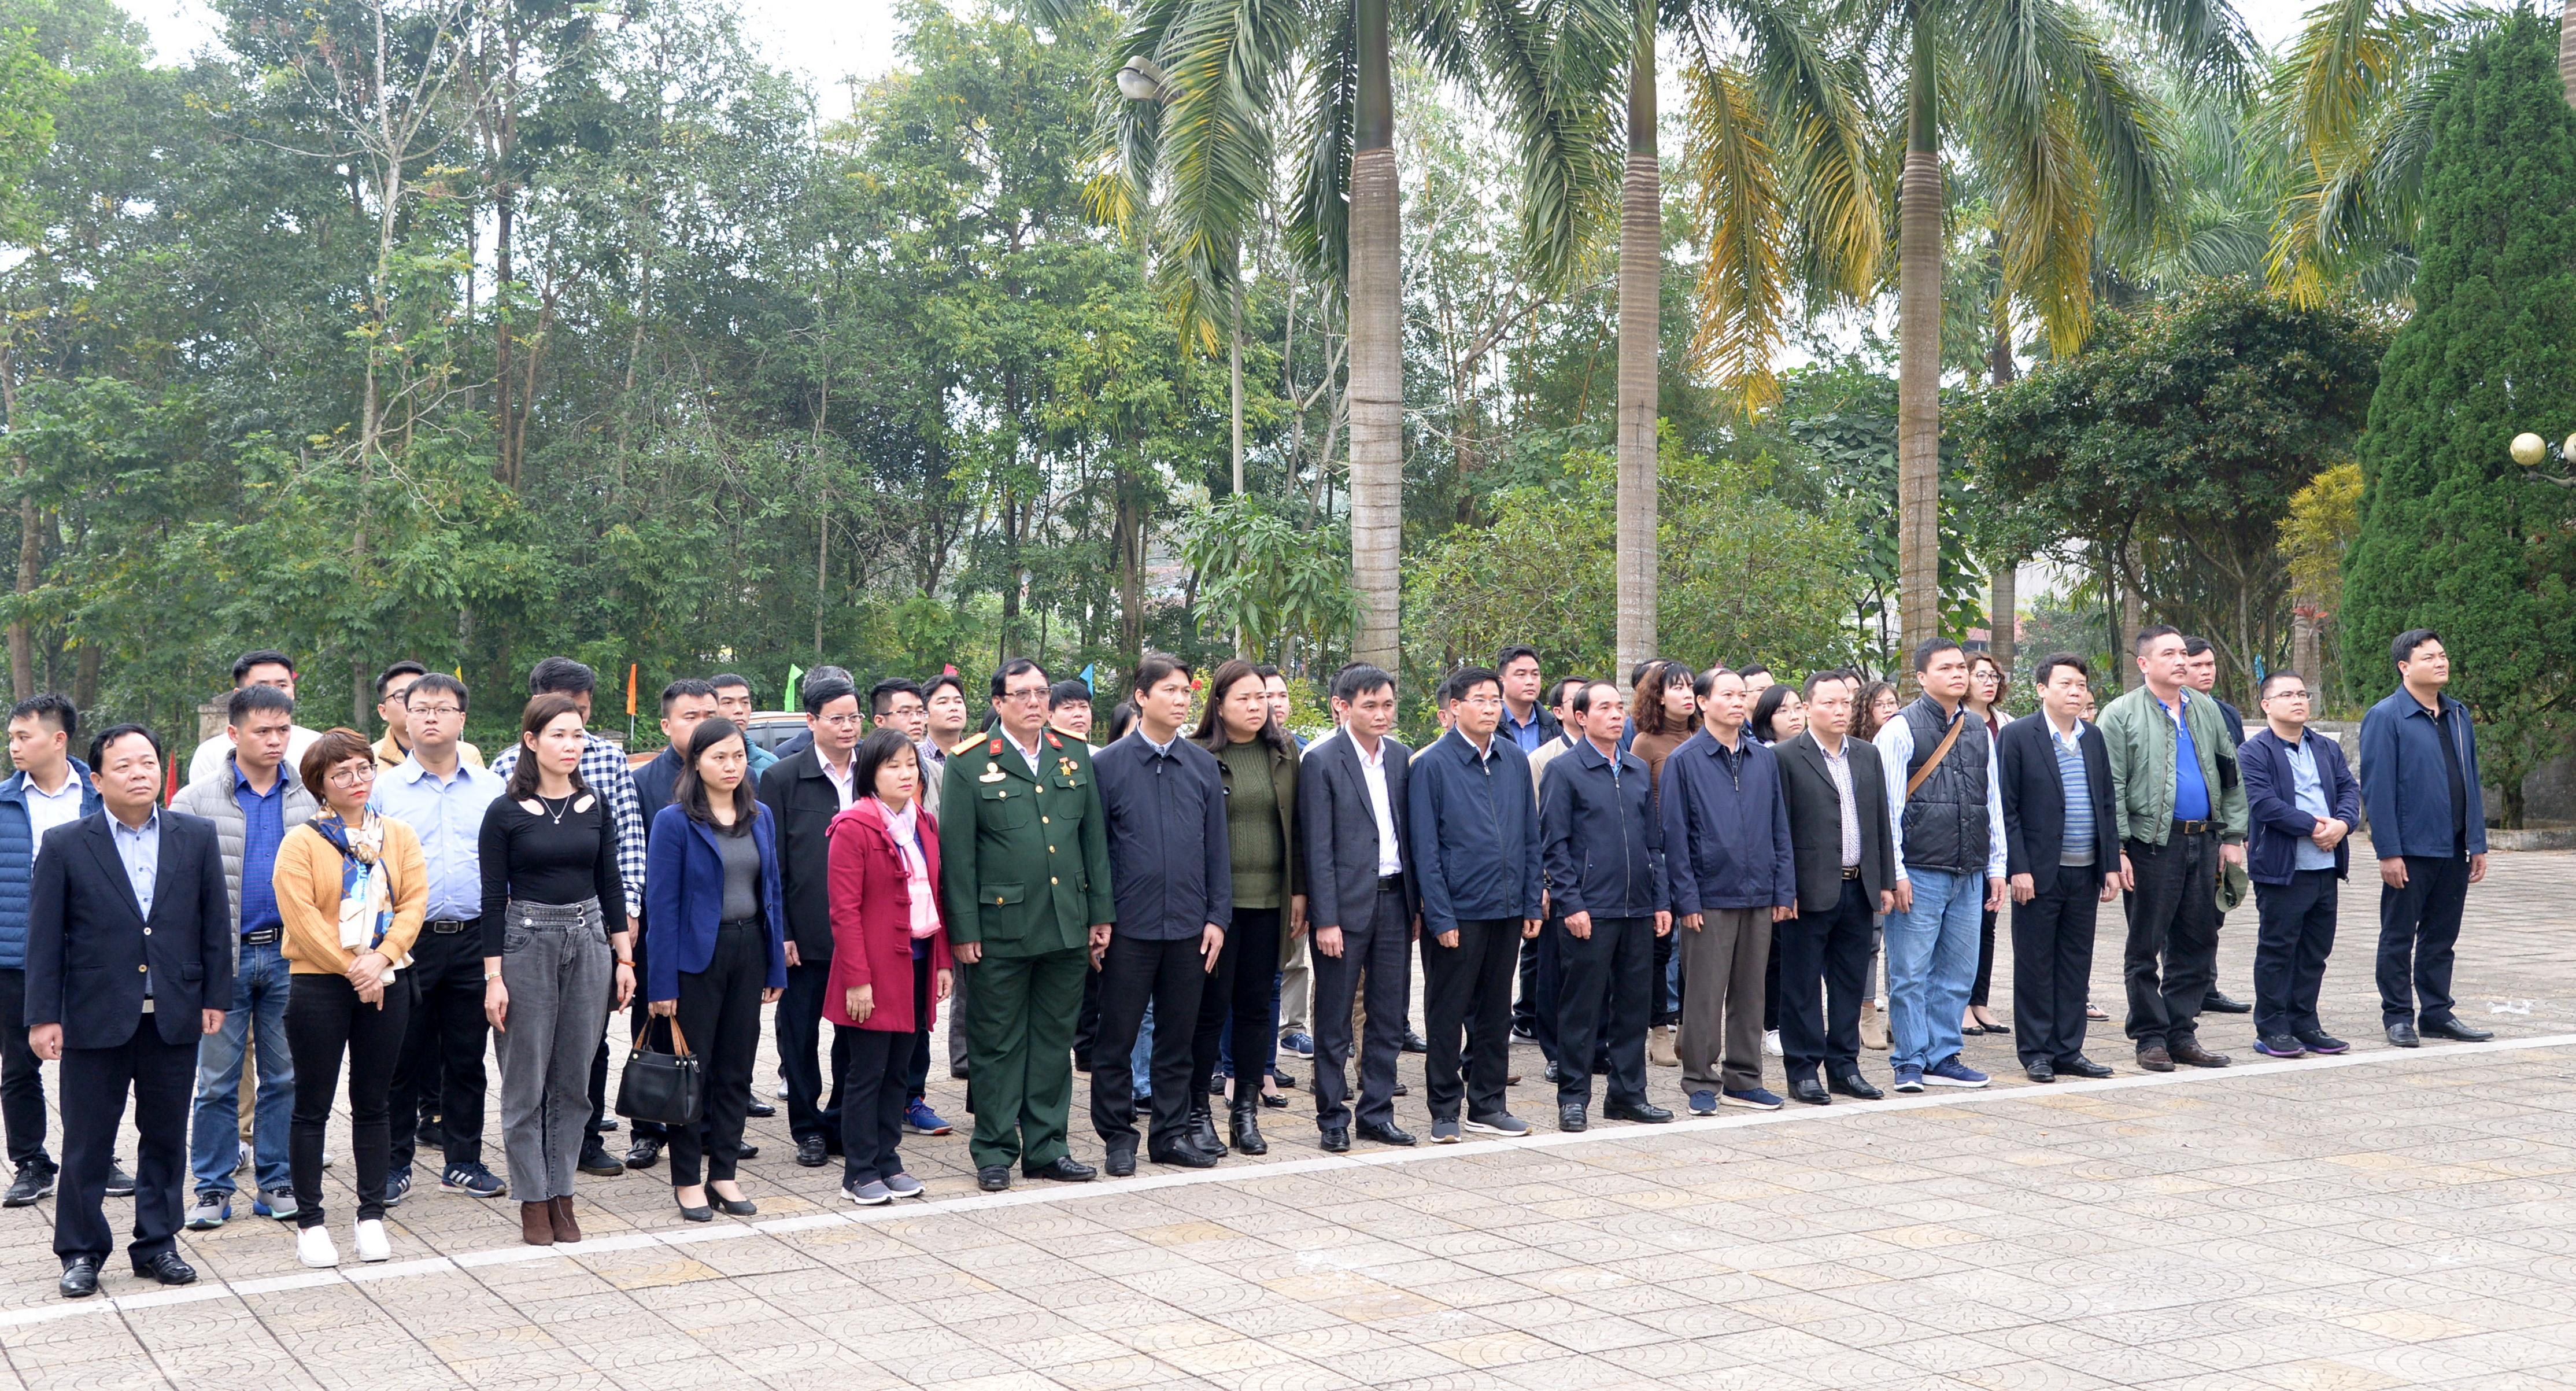 Công đoàn KTNN chuyên ngành III tổ chức chương trình thiện nguyện, về nguồn tại tỉnh Hà Giang